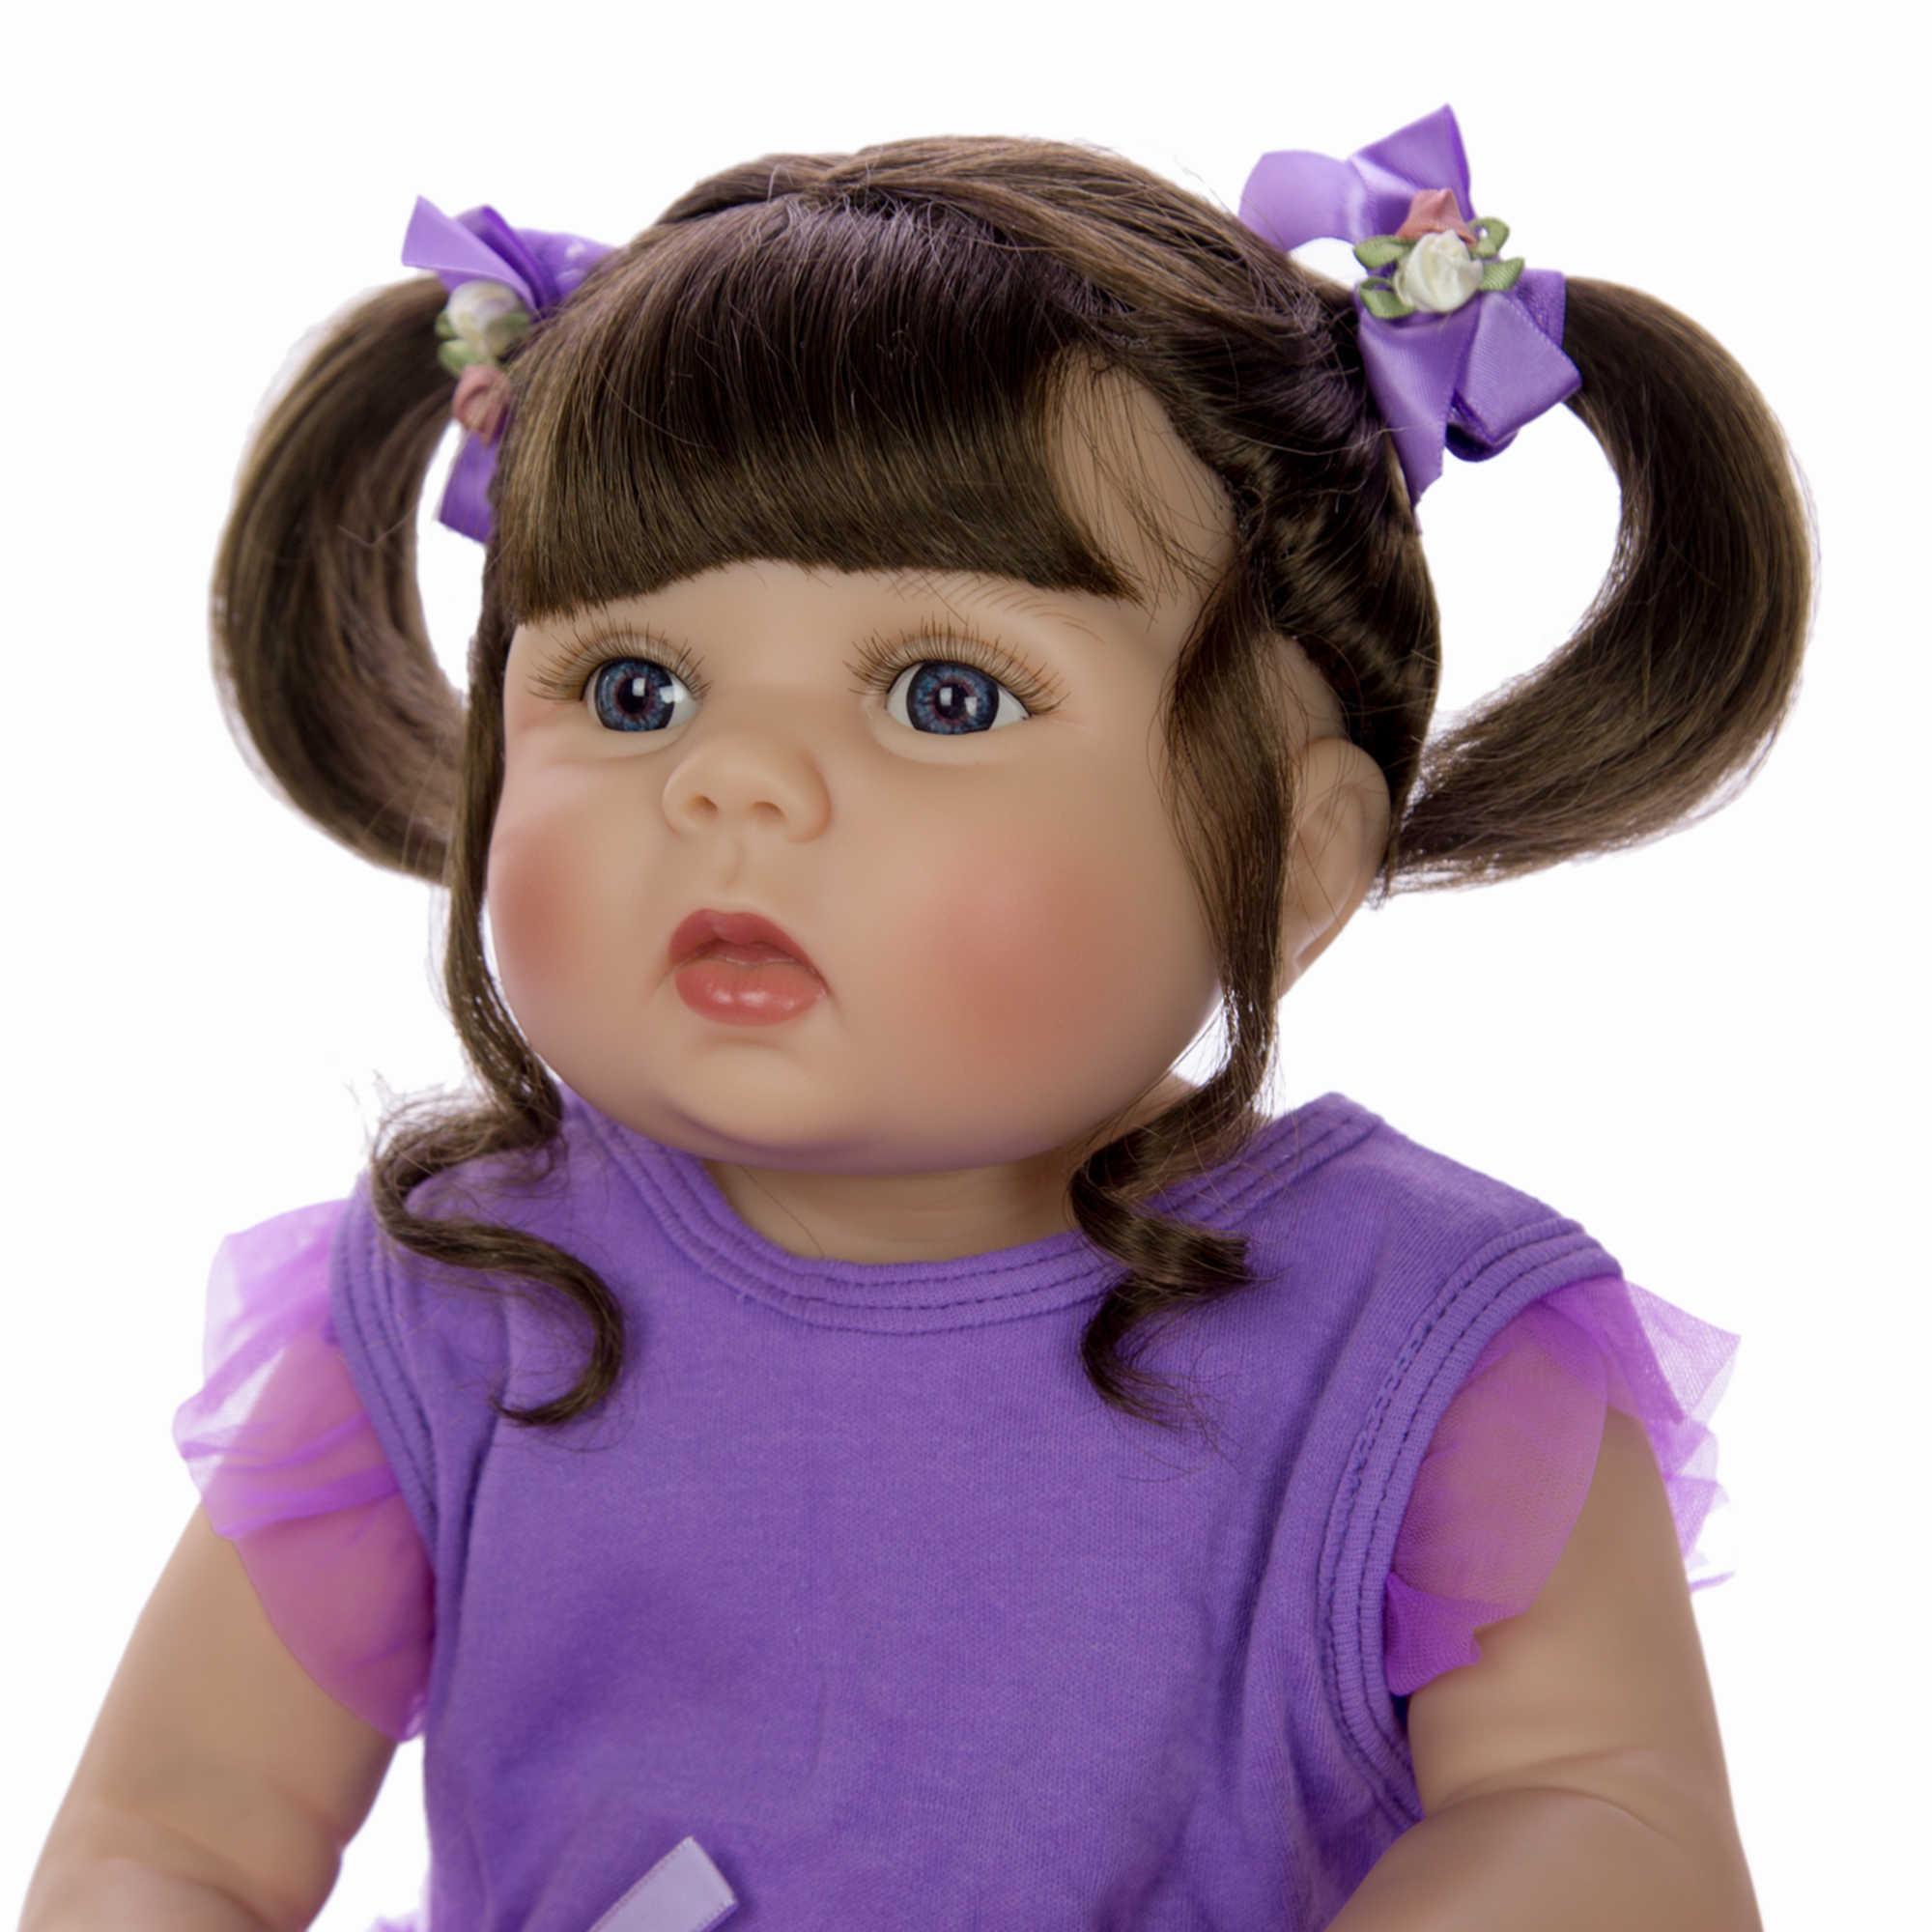 KEIUMI, новый дизайн, 57 см, кукла для новорожденных, для девочек, силиконовая, Реалистичная, для тела, для детей, подарок на день рождения, модный подарок